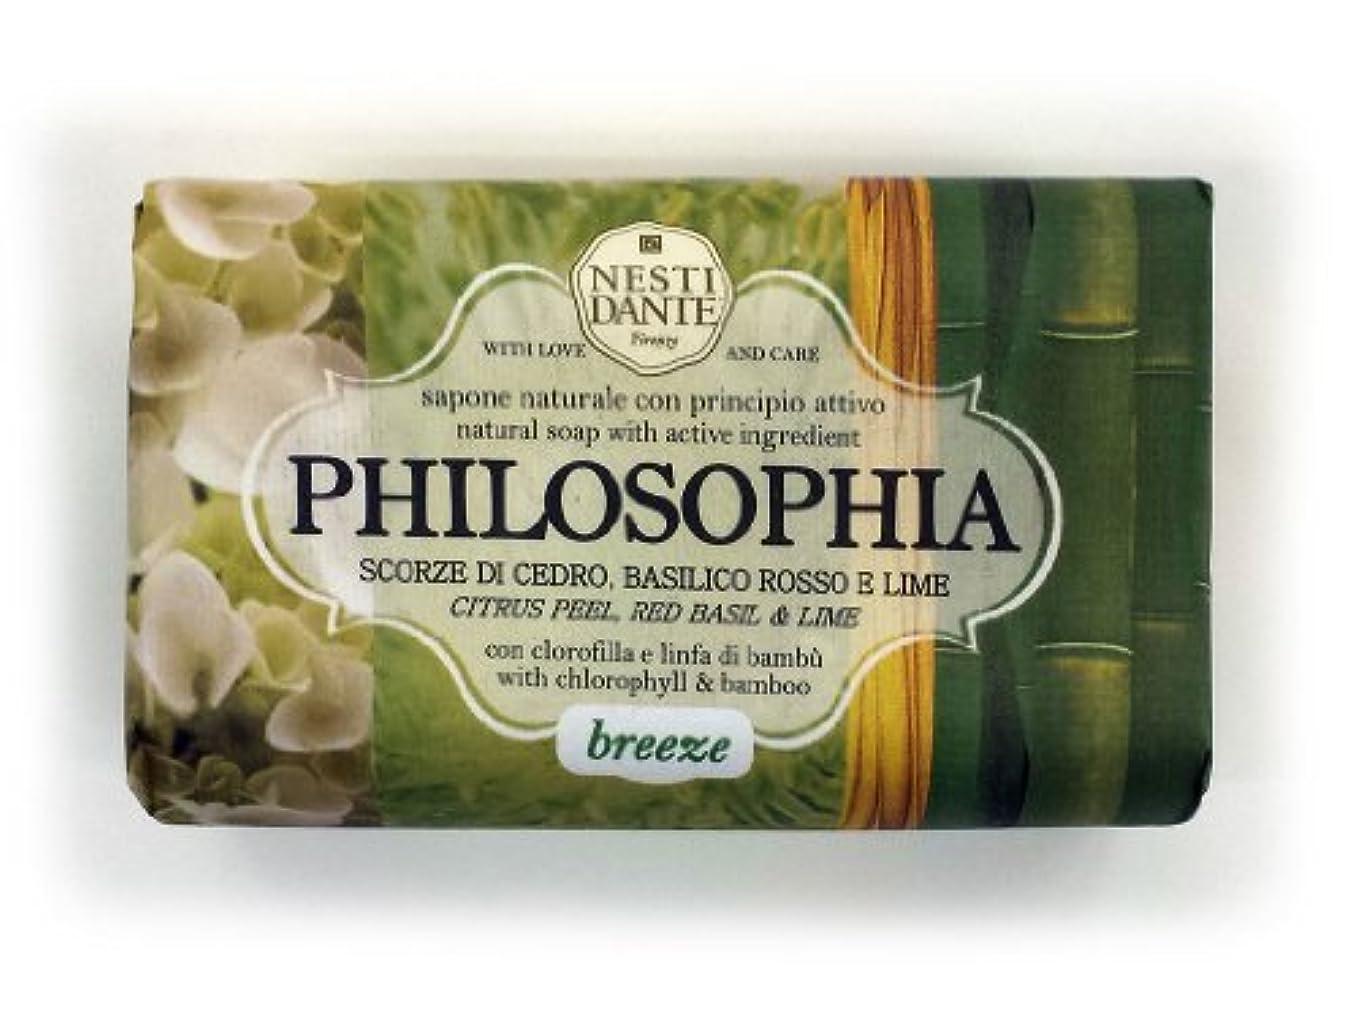 熟達した連想入浴ネスティダンテ Philosophia Natural Soap - Breeze - Citrus Peel, Red Basil & Lime With Chlorophyll & Bamboo 250g/8.8oz...